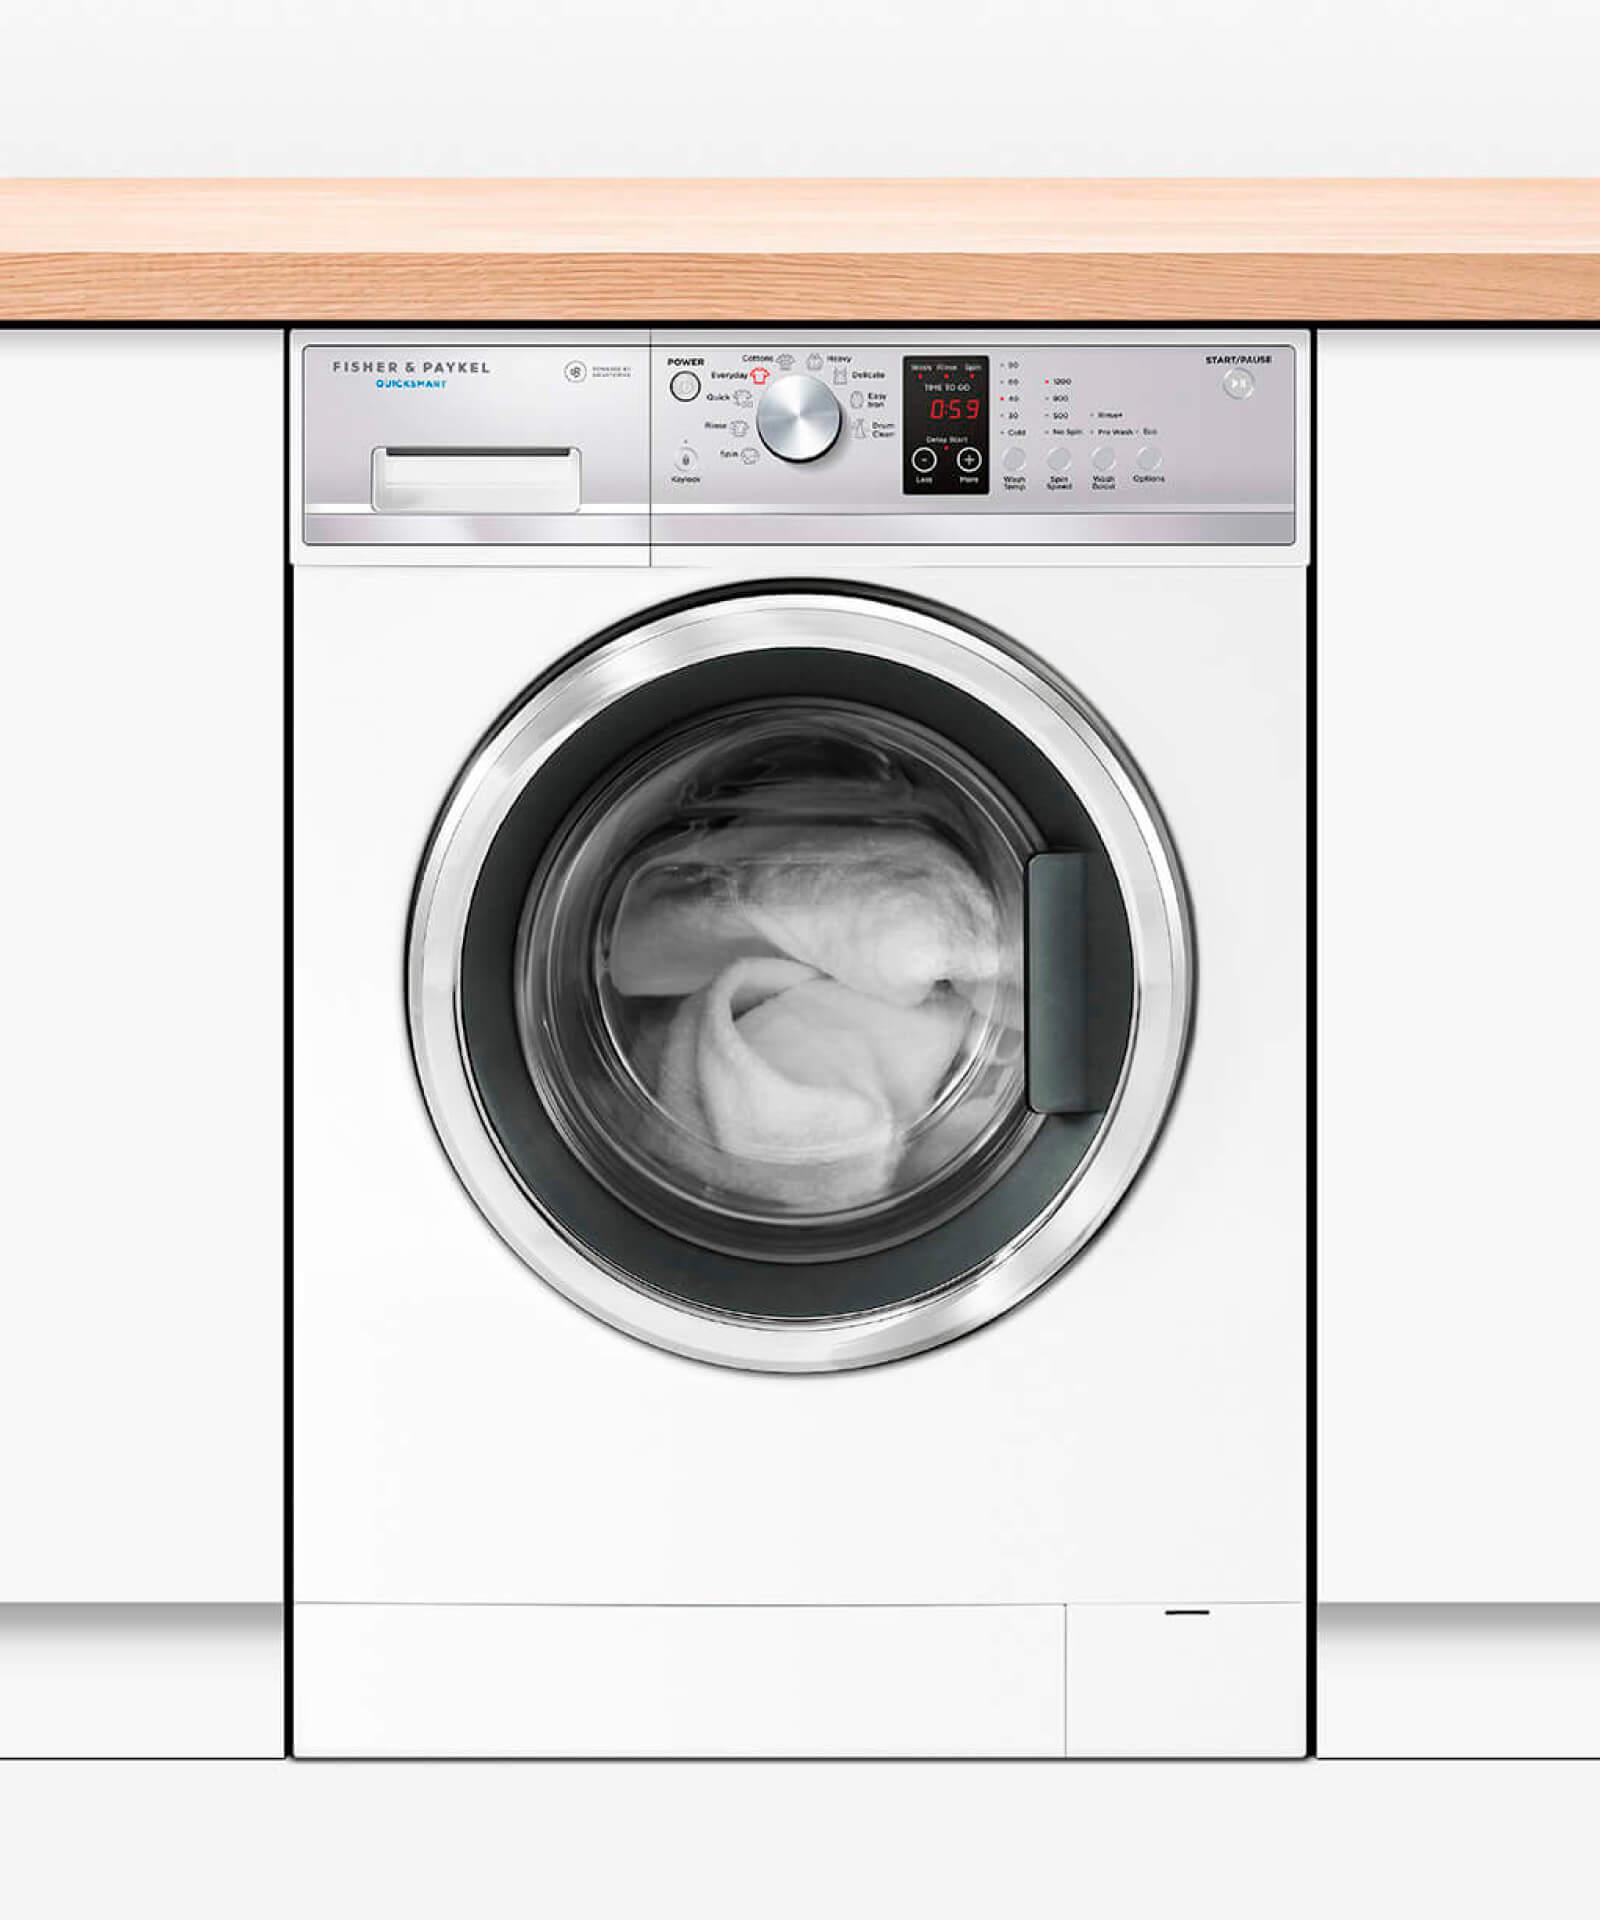 fisher paykel washing machine troubleshooting manual